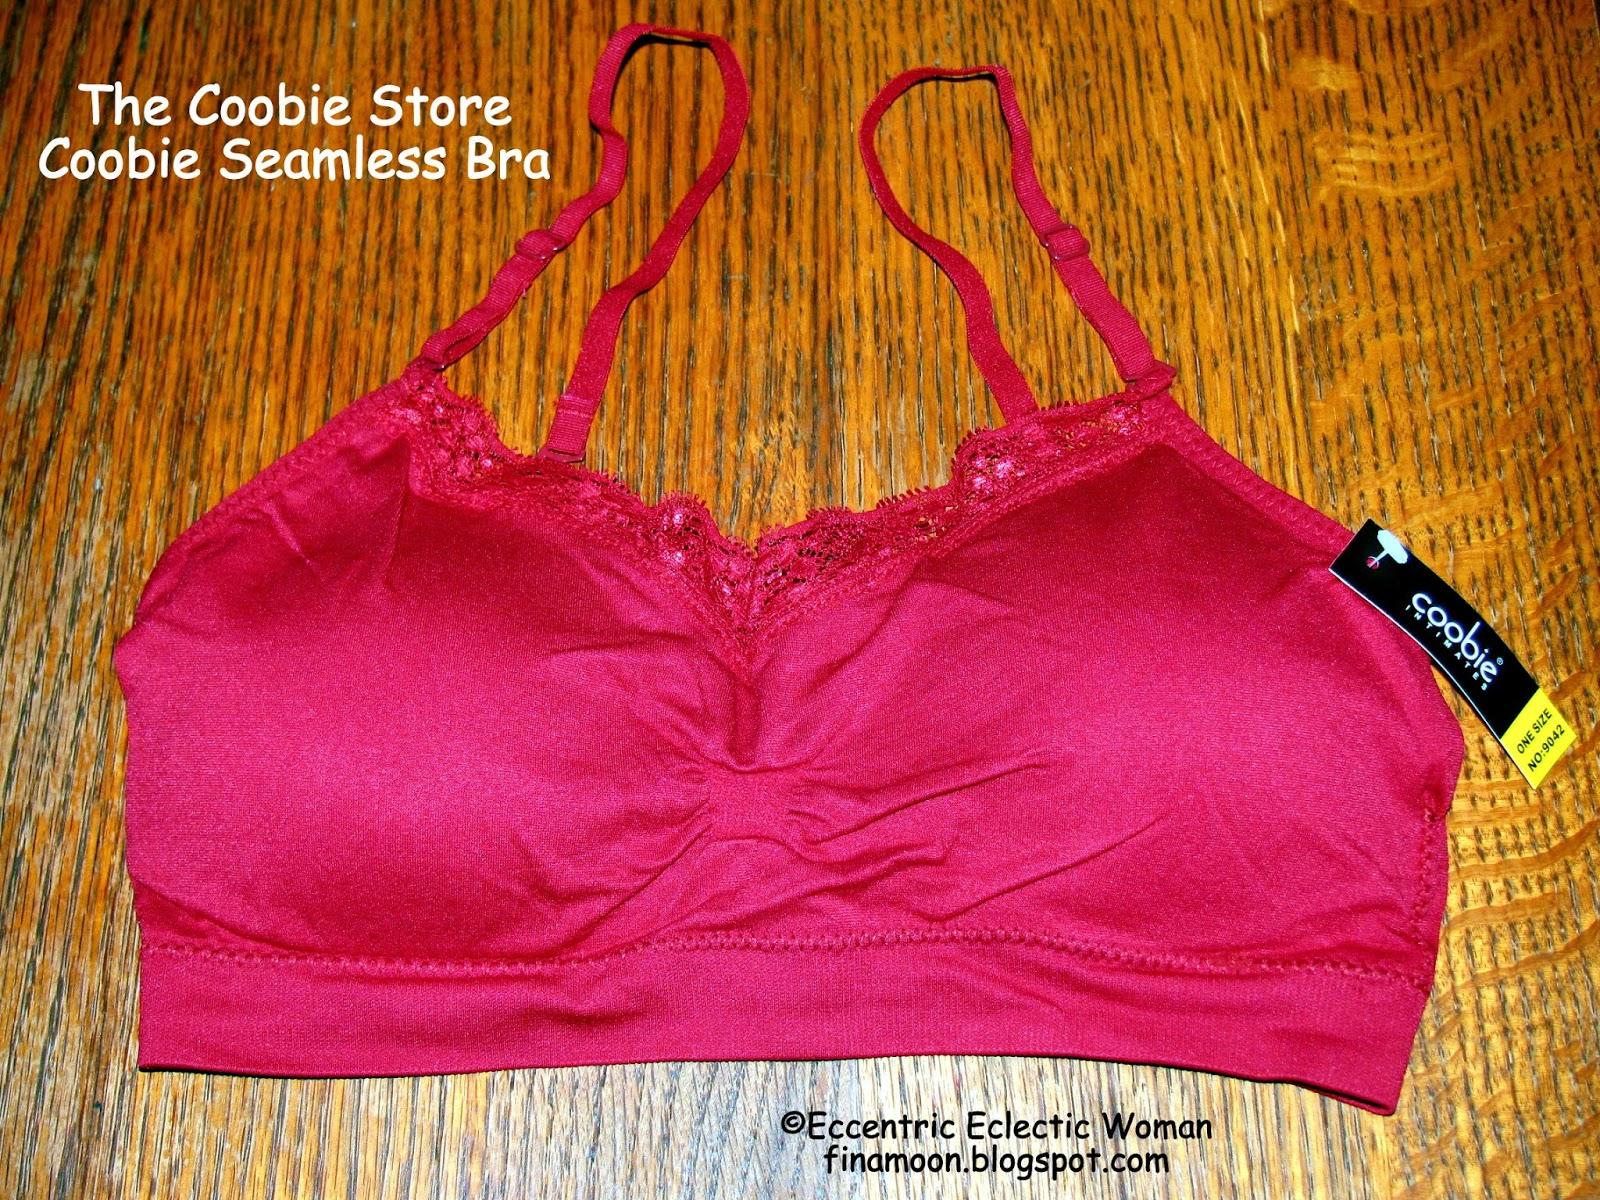 e32e8296636ab Eccentric Eclectic Woman  Coobie Seamless Bra Review and Coobie Bra ...